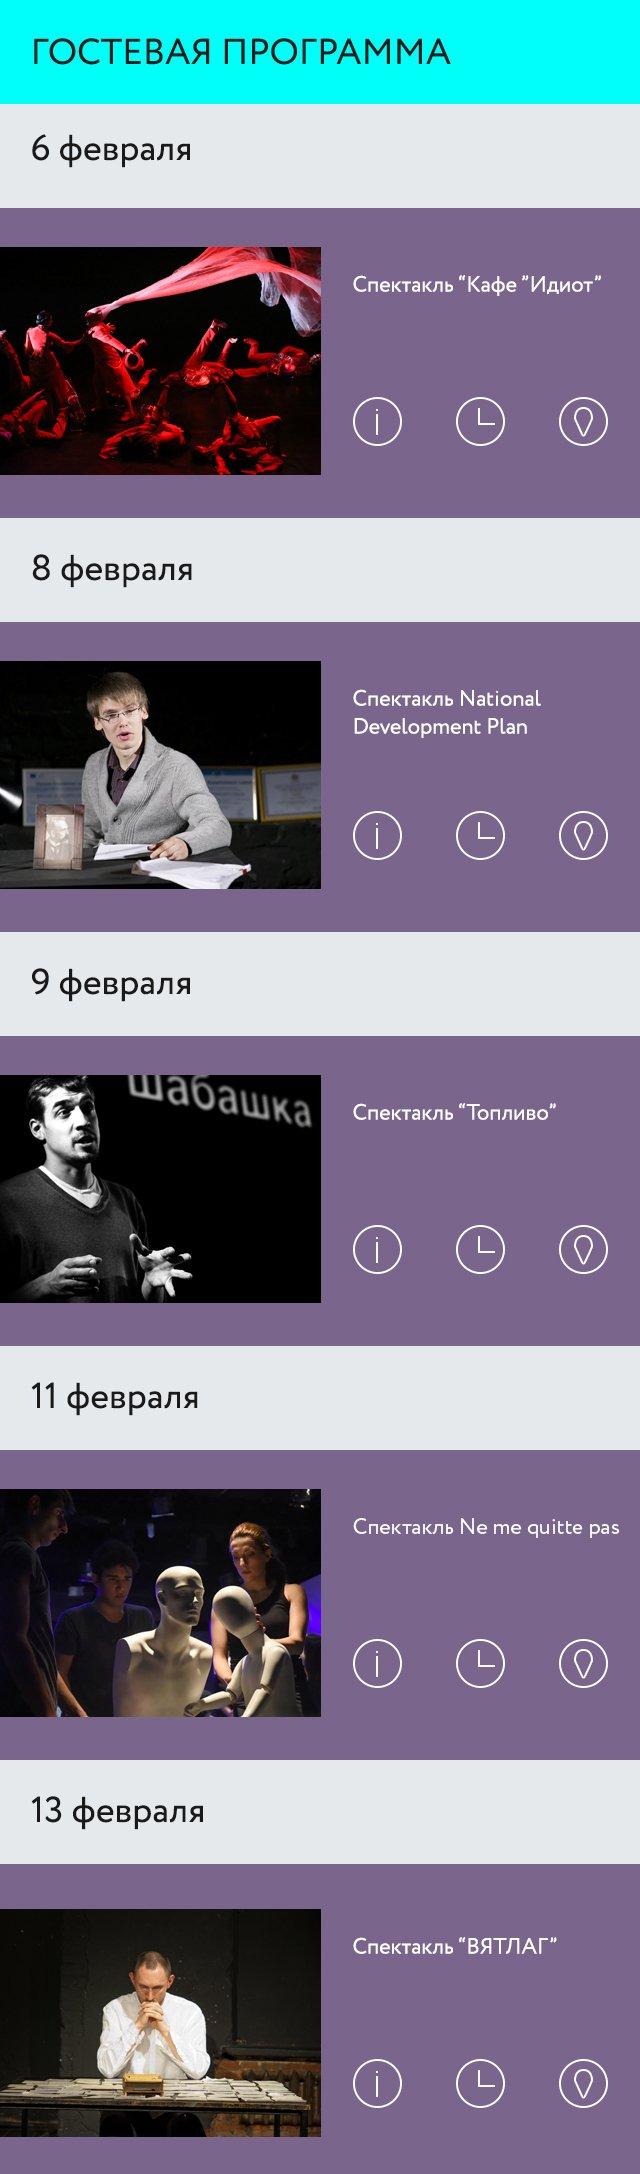 """Гид по театральному фестивалю """"Откровение"""" (фото 1)"""